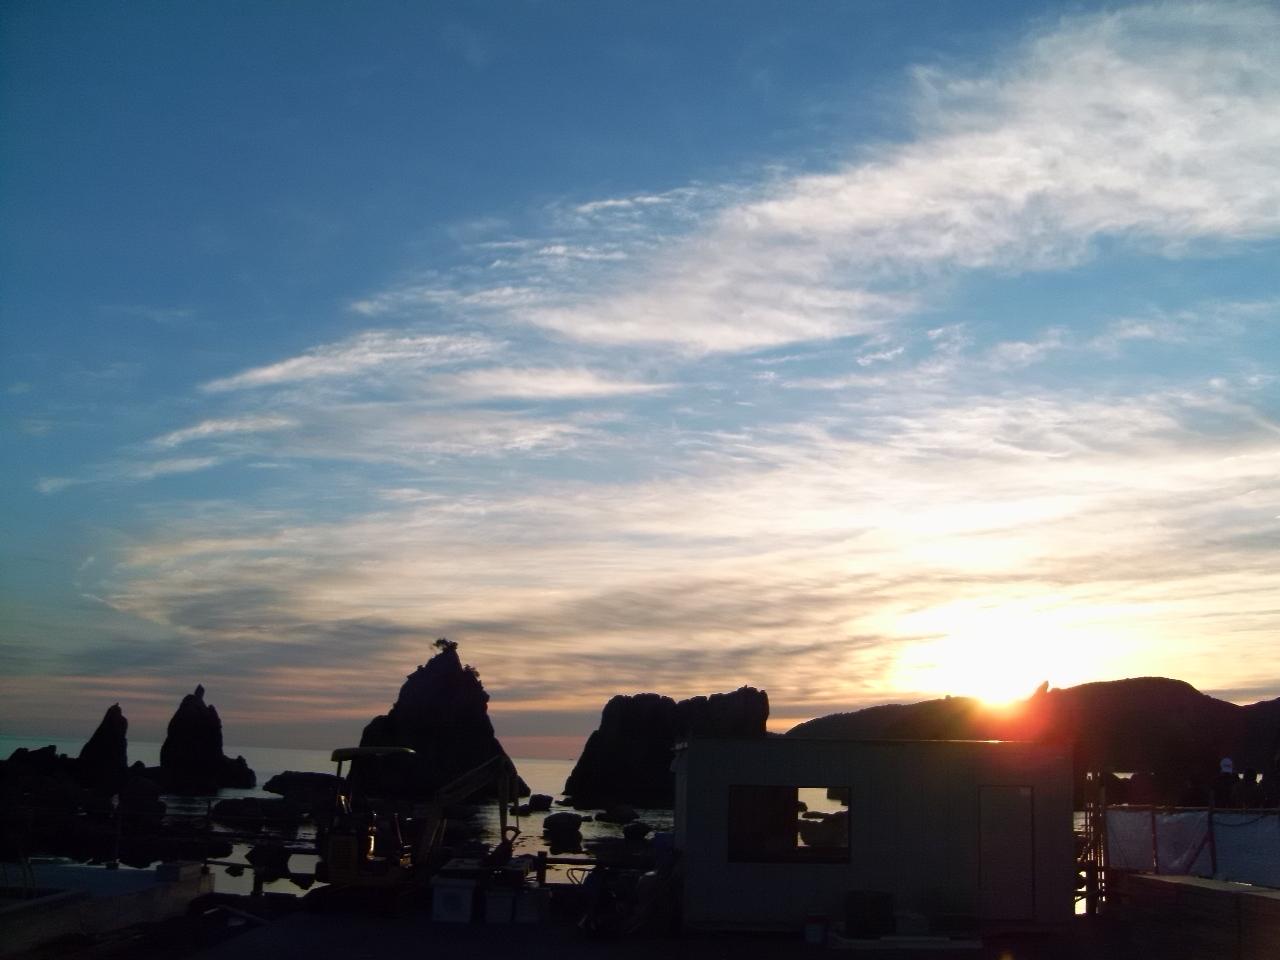 2019→2020の元旦、初日の出は串本の橋杭岩からの2ボートダイビング